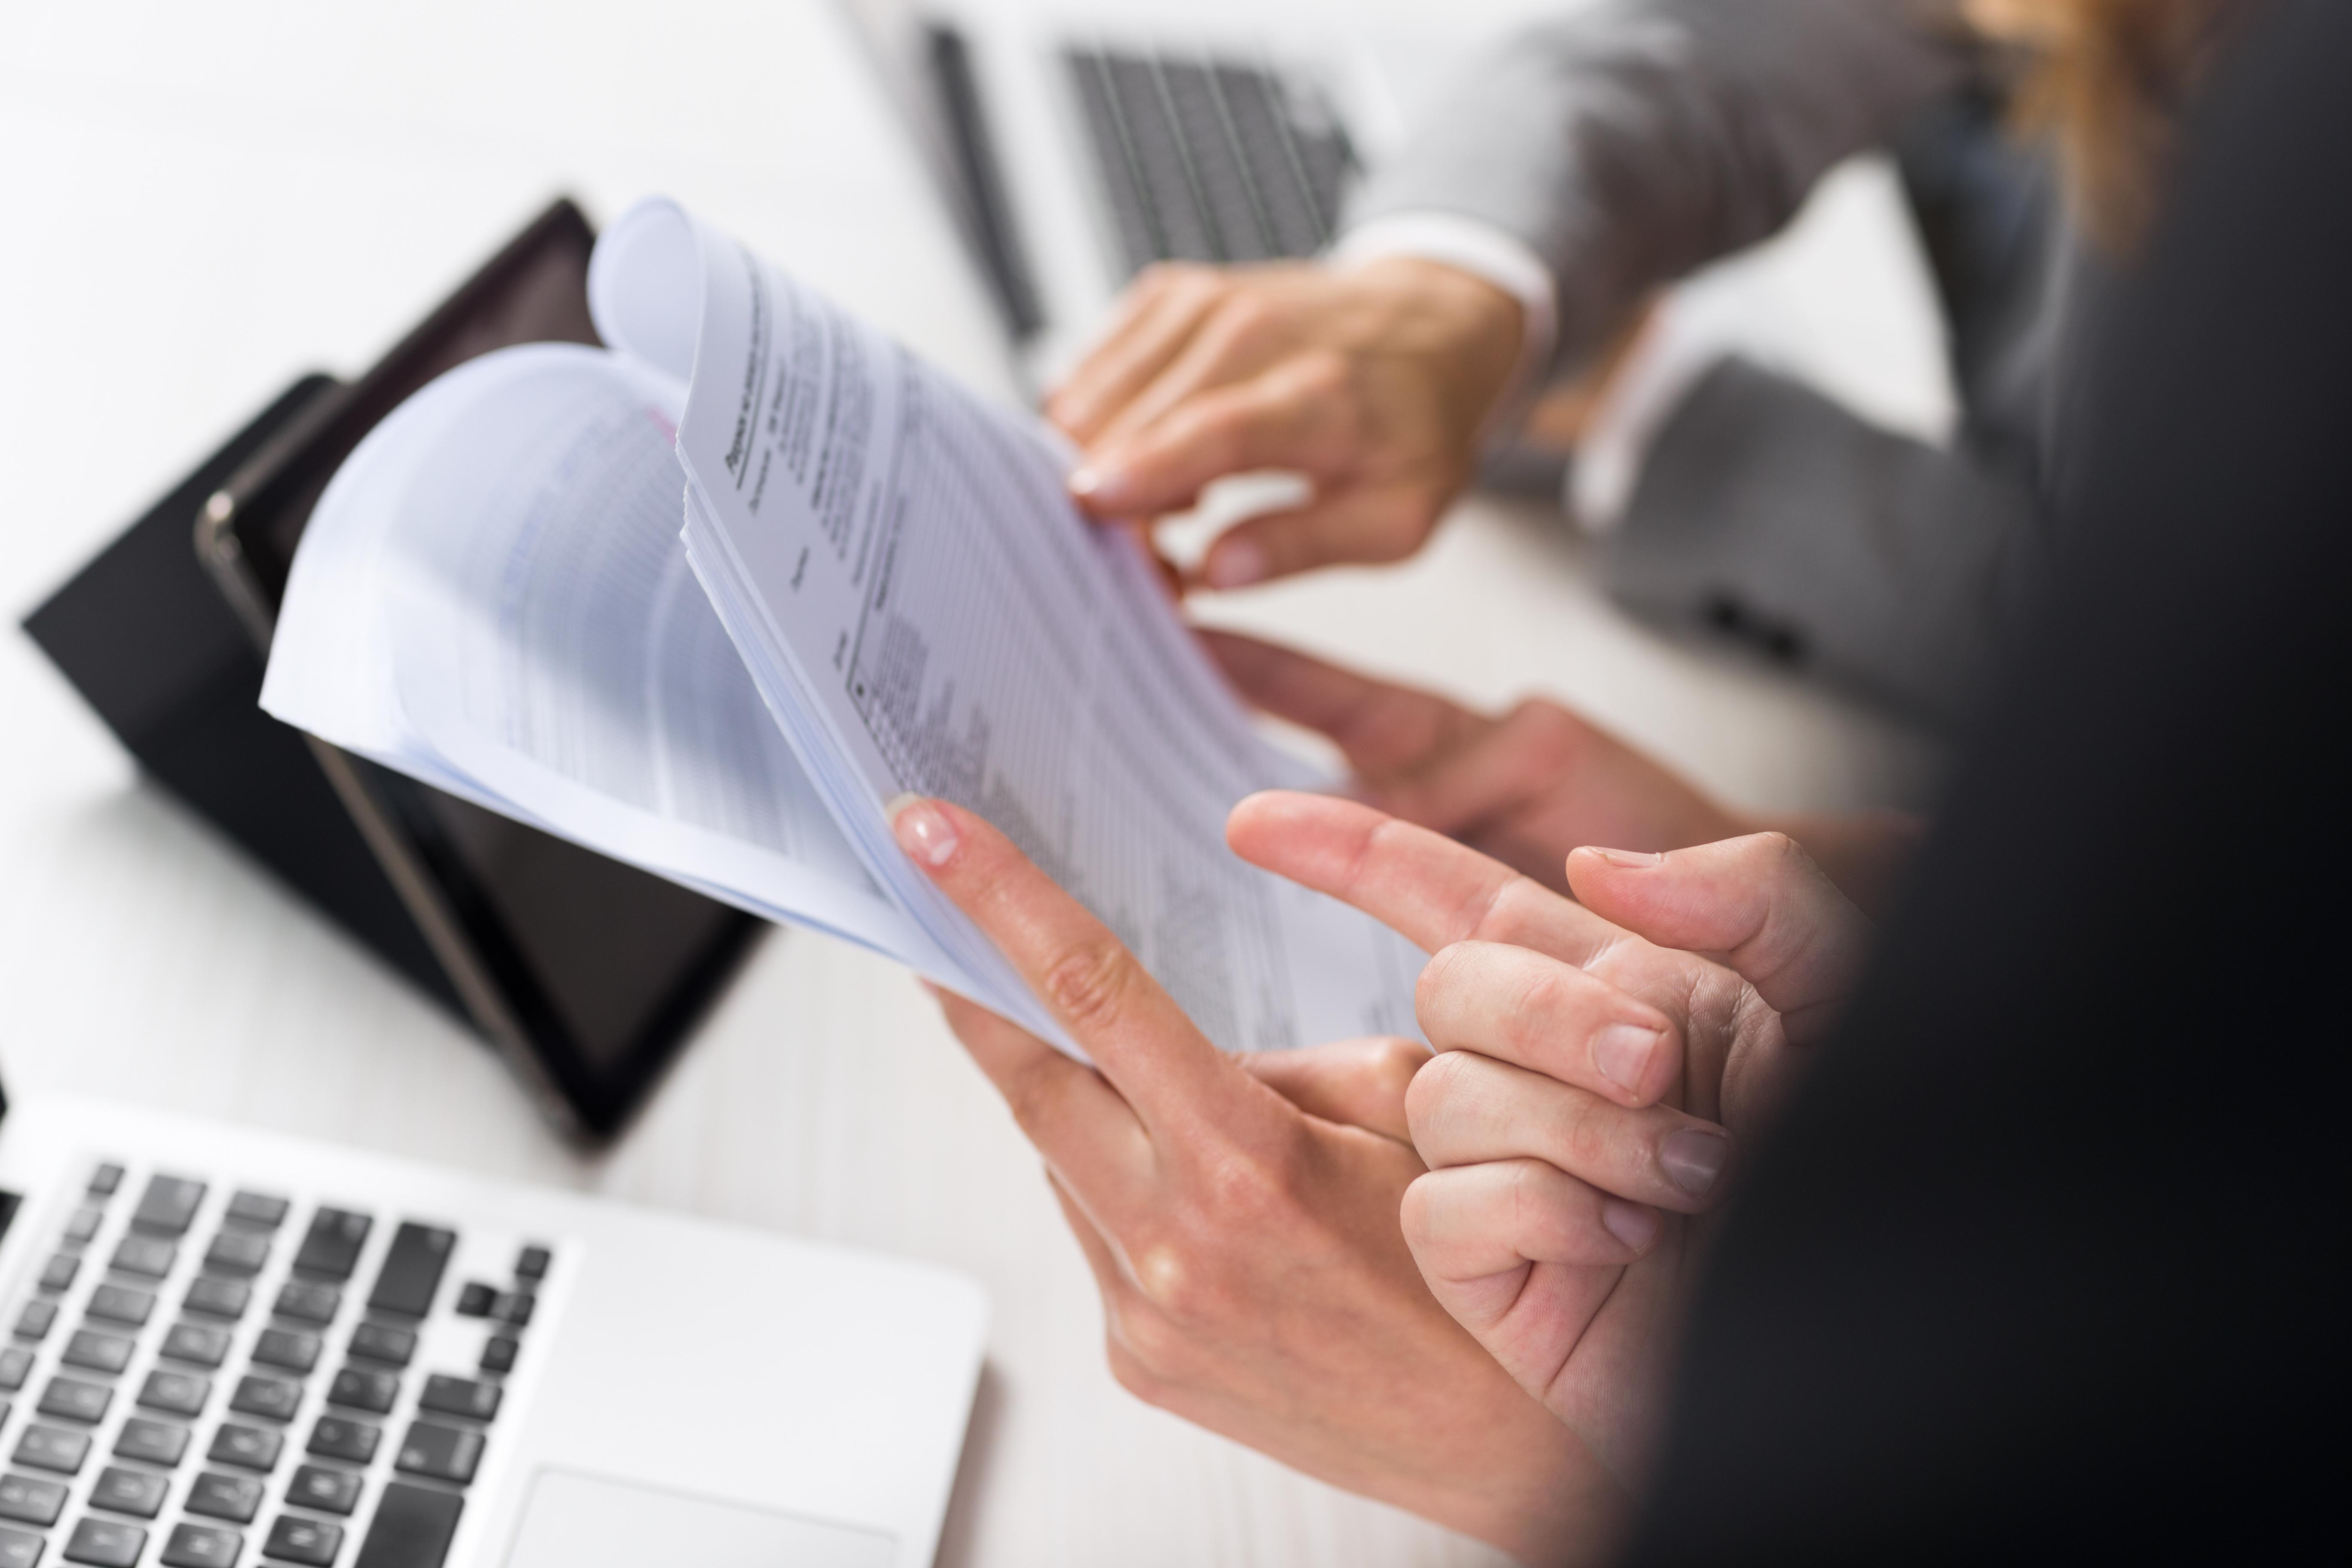 Program pontaj & resurse umane util pentru contabili